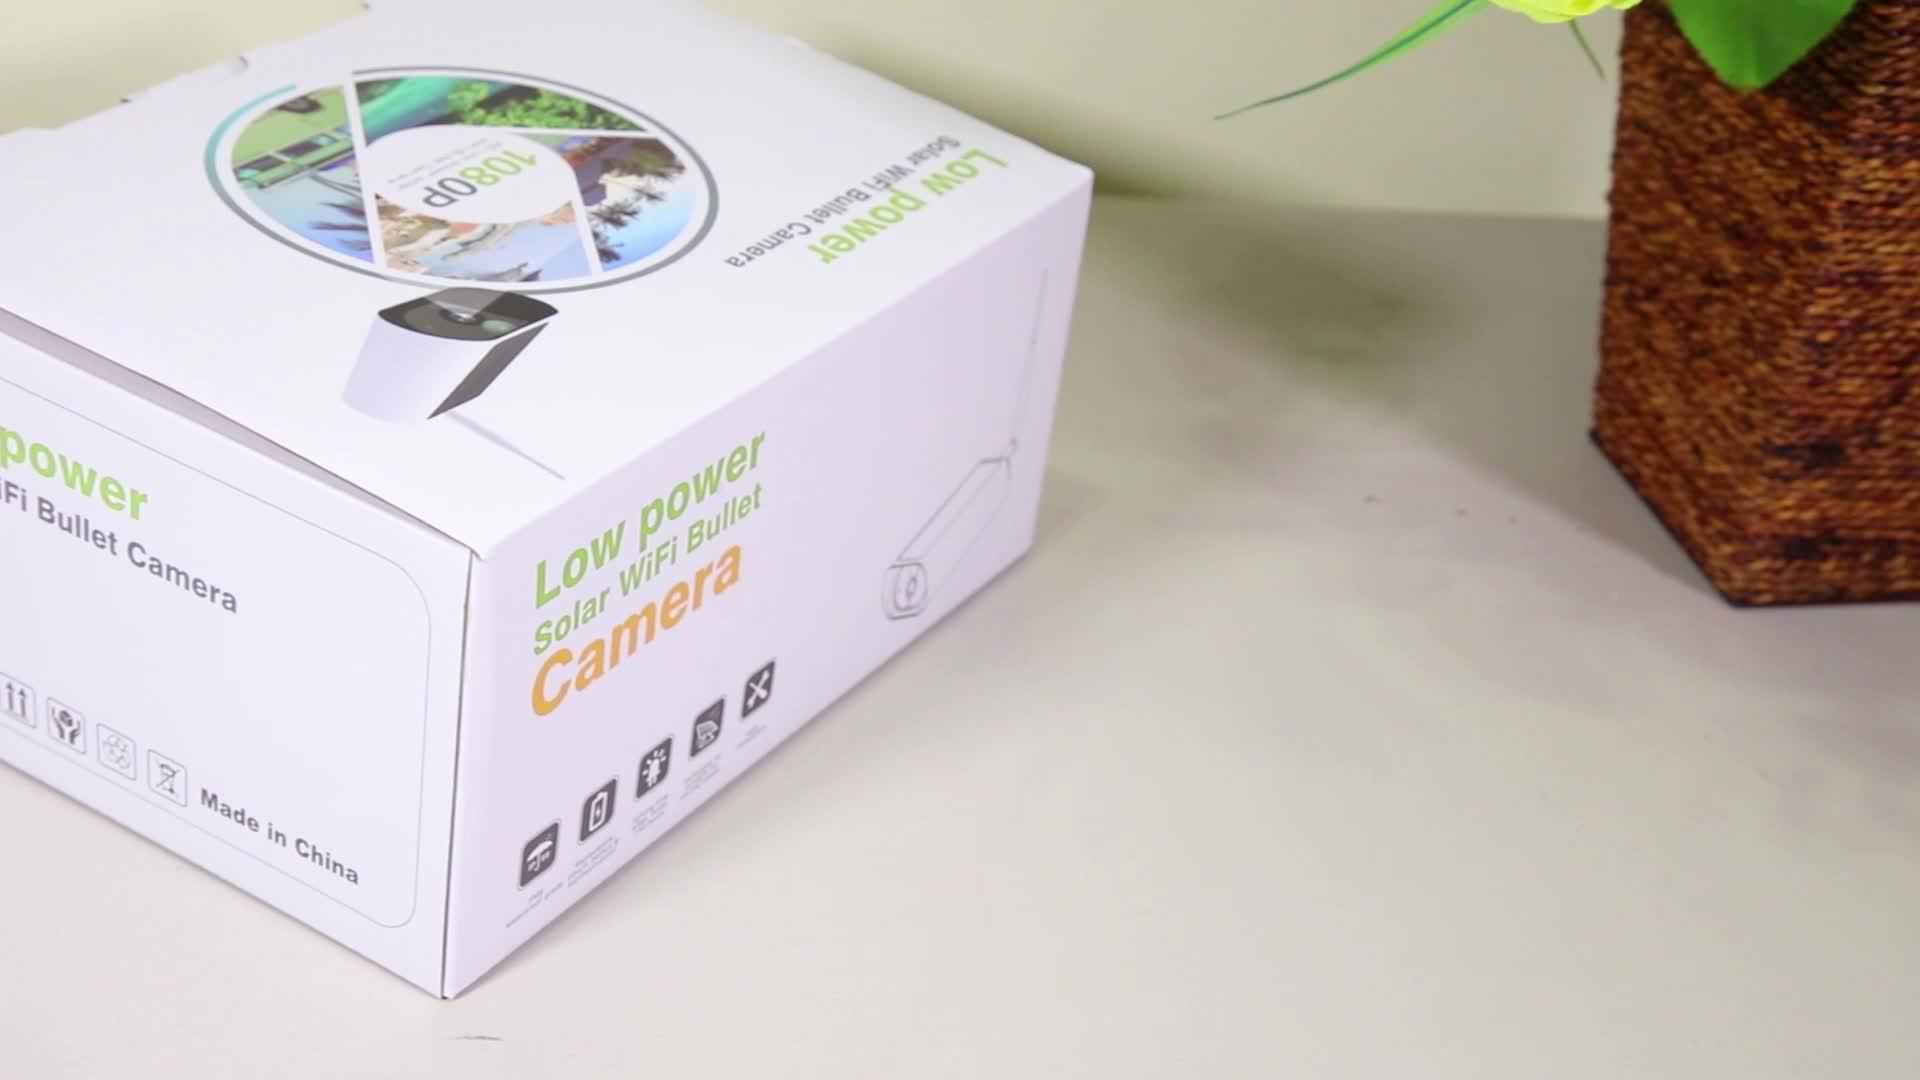 Enxun 2019 4g cctv 1080 P outdoor solar wifi 와 camera led street 빛